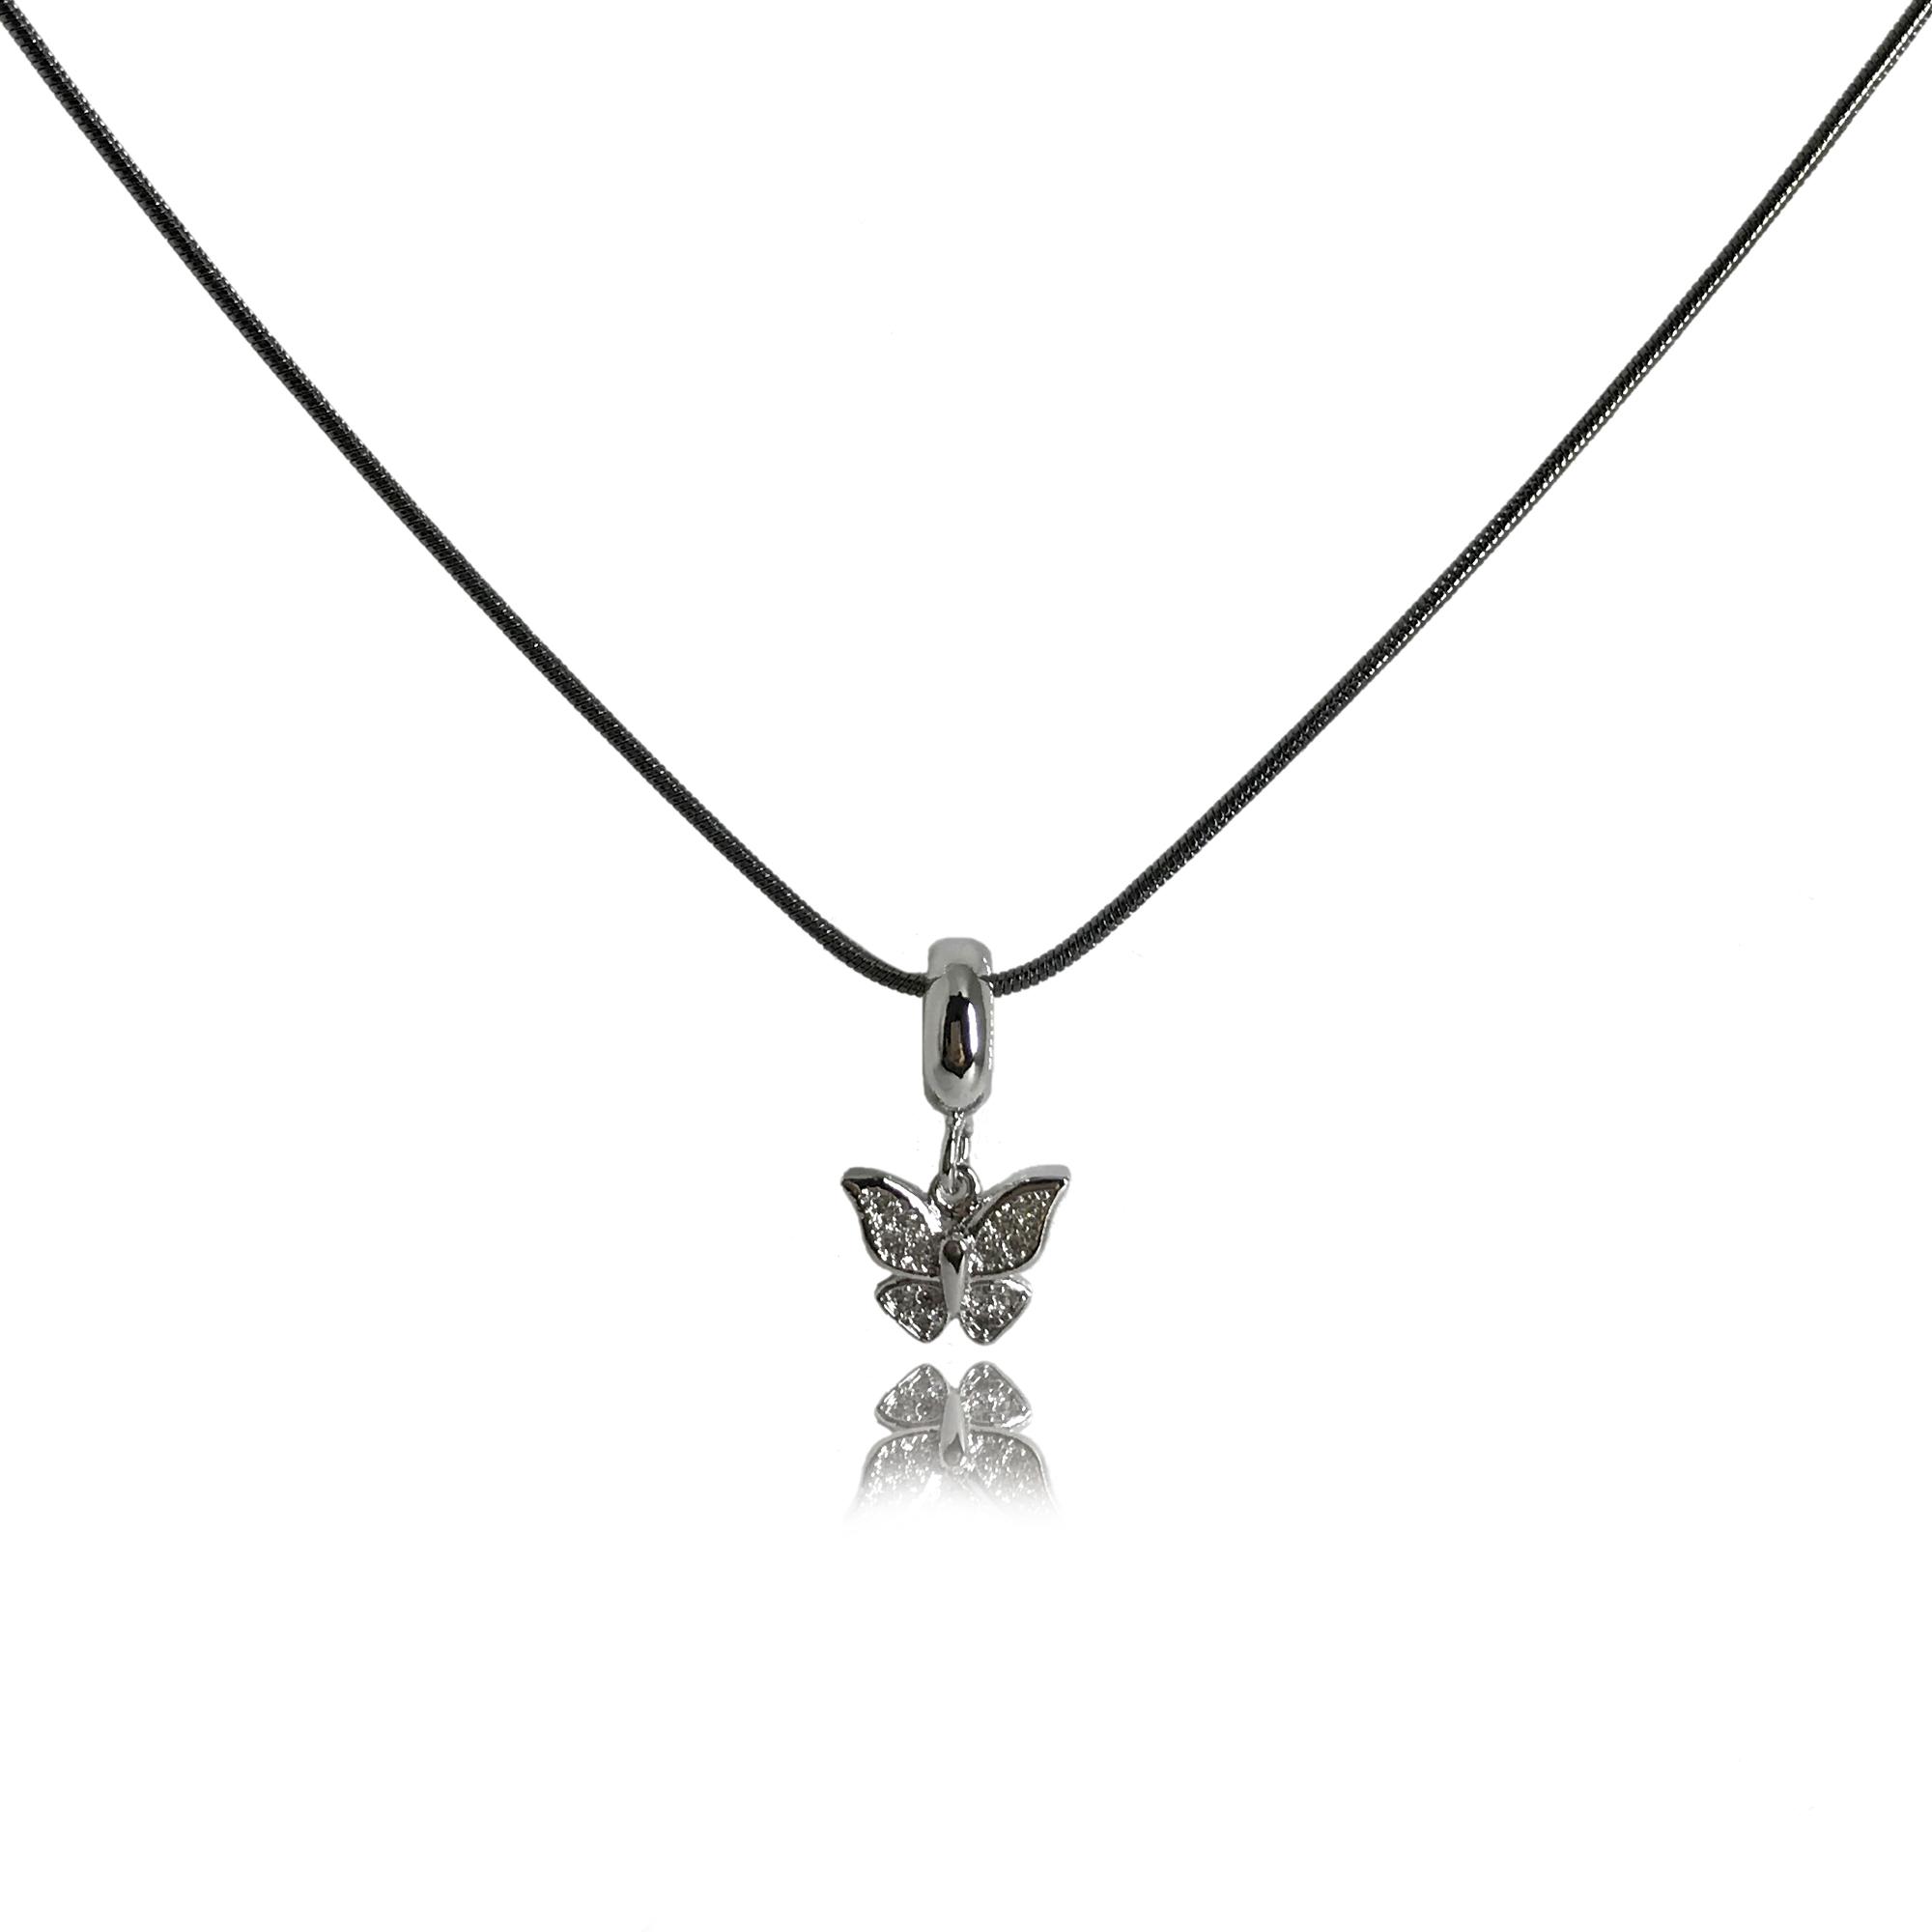 Colar com corrente folheada no ródio negro e pingente de borboleta com mini cristais folheado no ródio branco